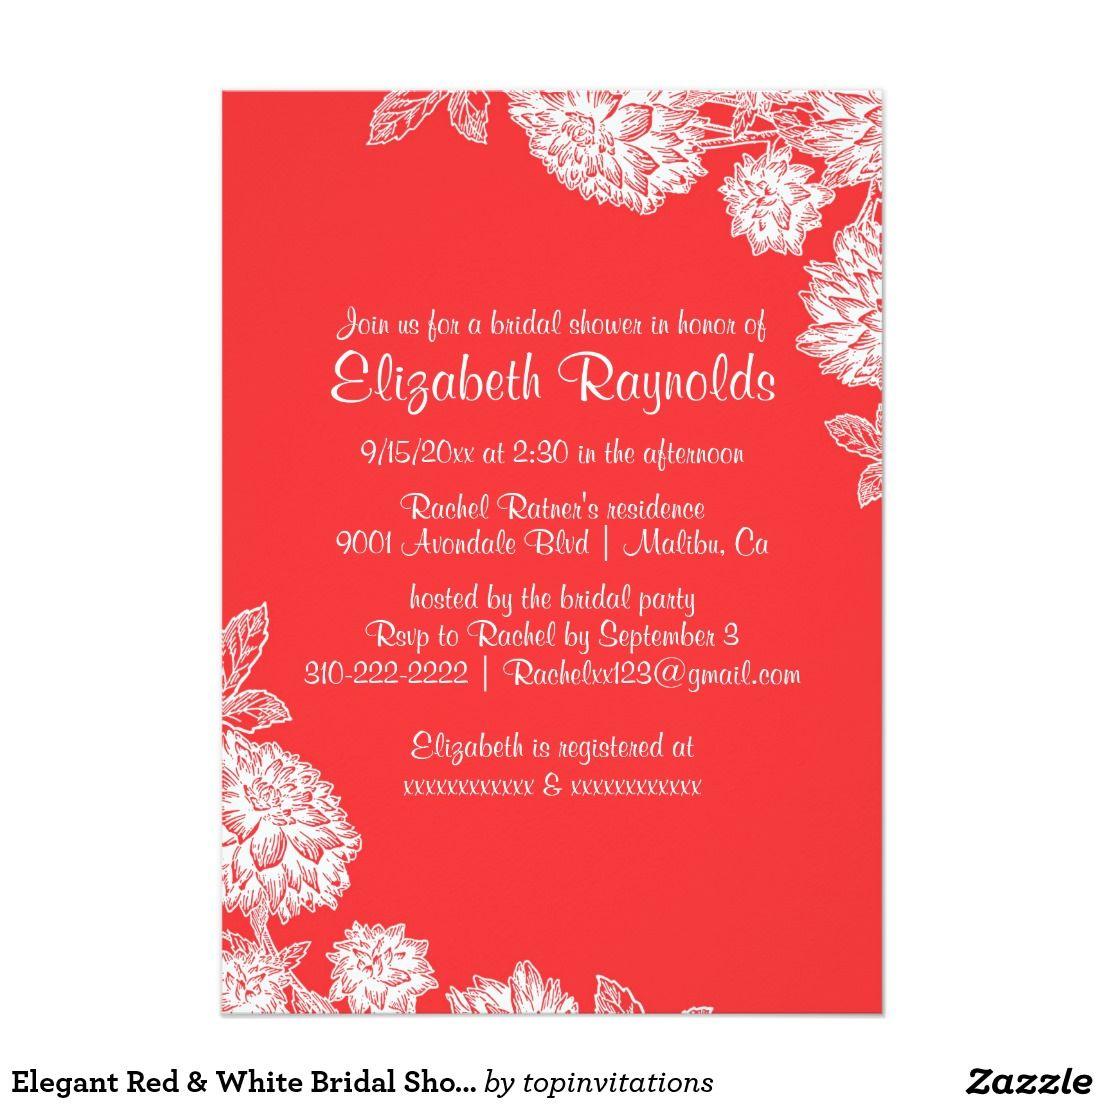 Perfect Bridal Shower E Invites Image - Invitations and ...